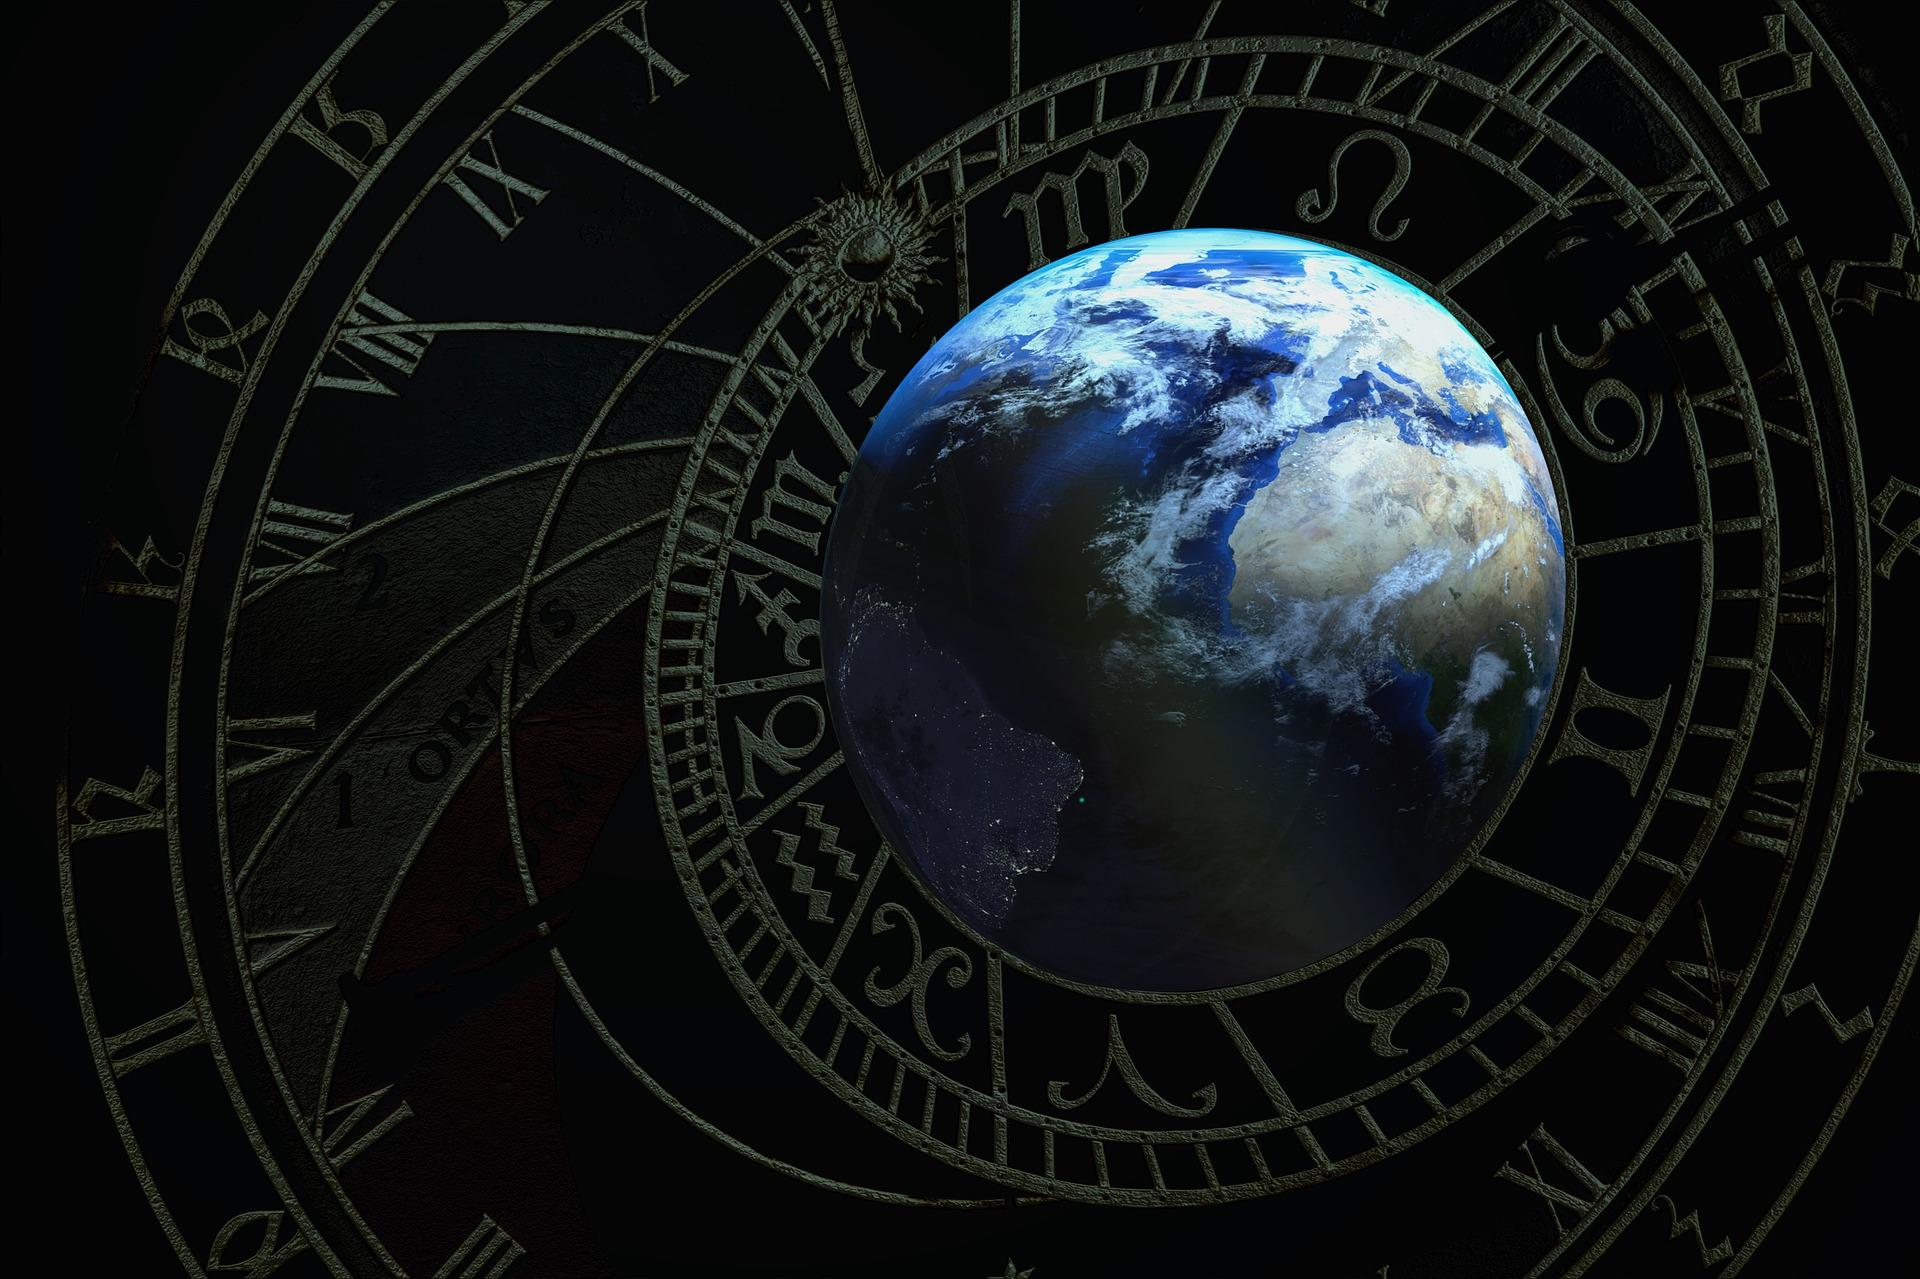 Horóscopo semanal del 30 de Abril al 06 de Mayo (16 – 2018) por Távata respuestas vía chat